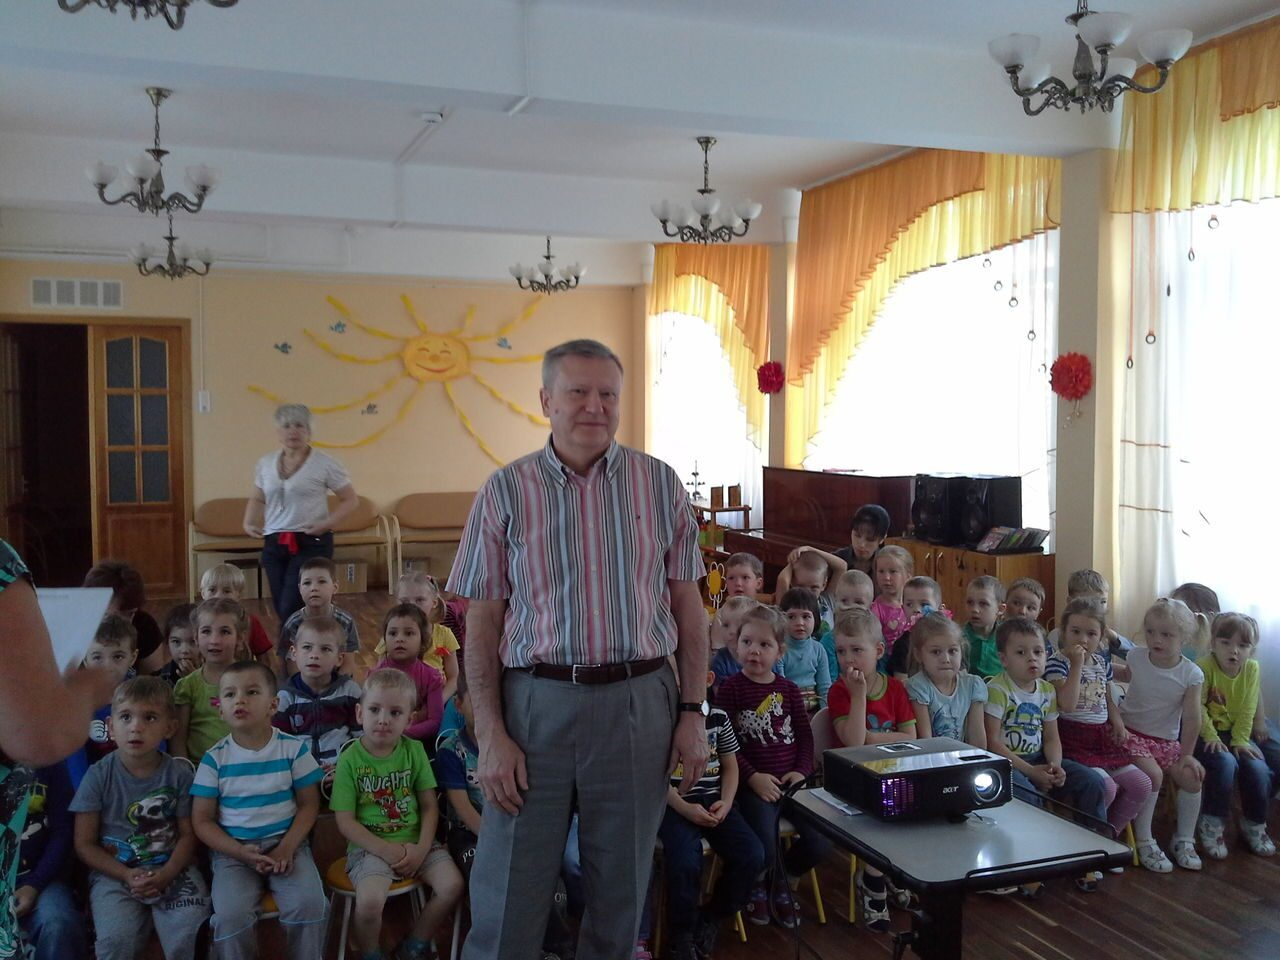 Расписание областной детской больницы саратов вольская 6